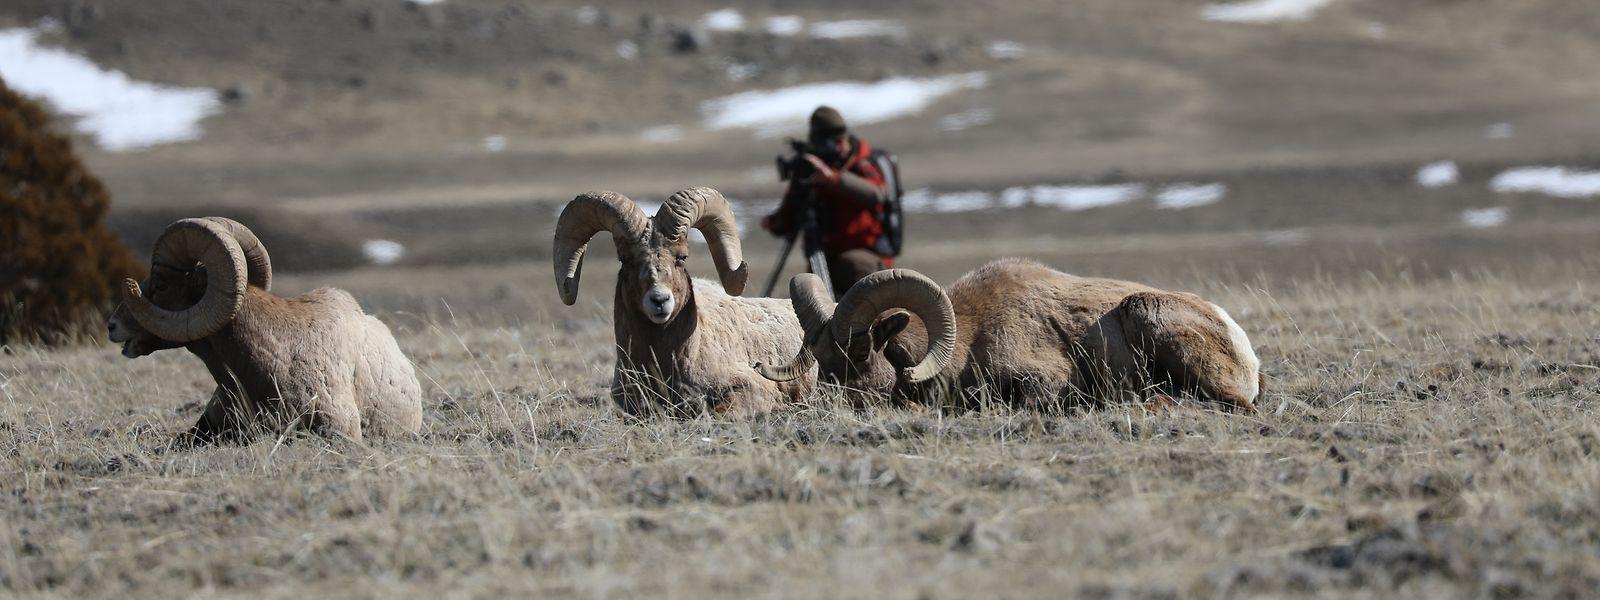 Andreas Kieling beobachtet Dickhornschafe, die wilden Bewohner des Yellowstone-Nationalparks.